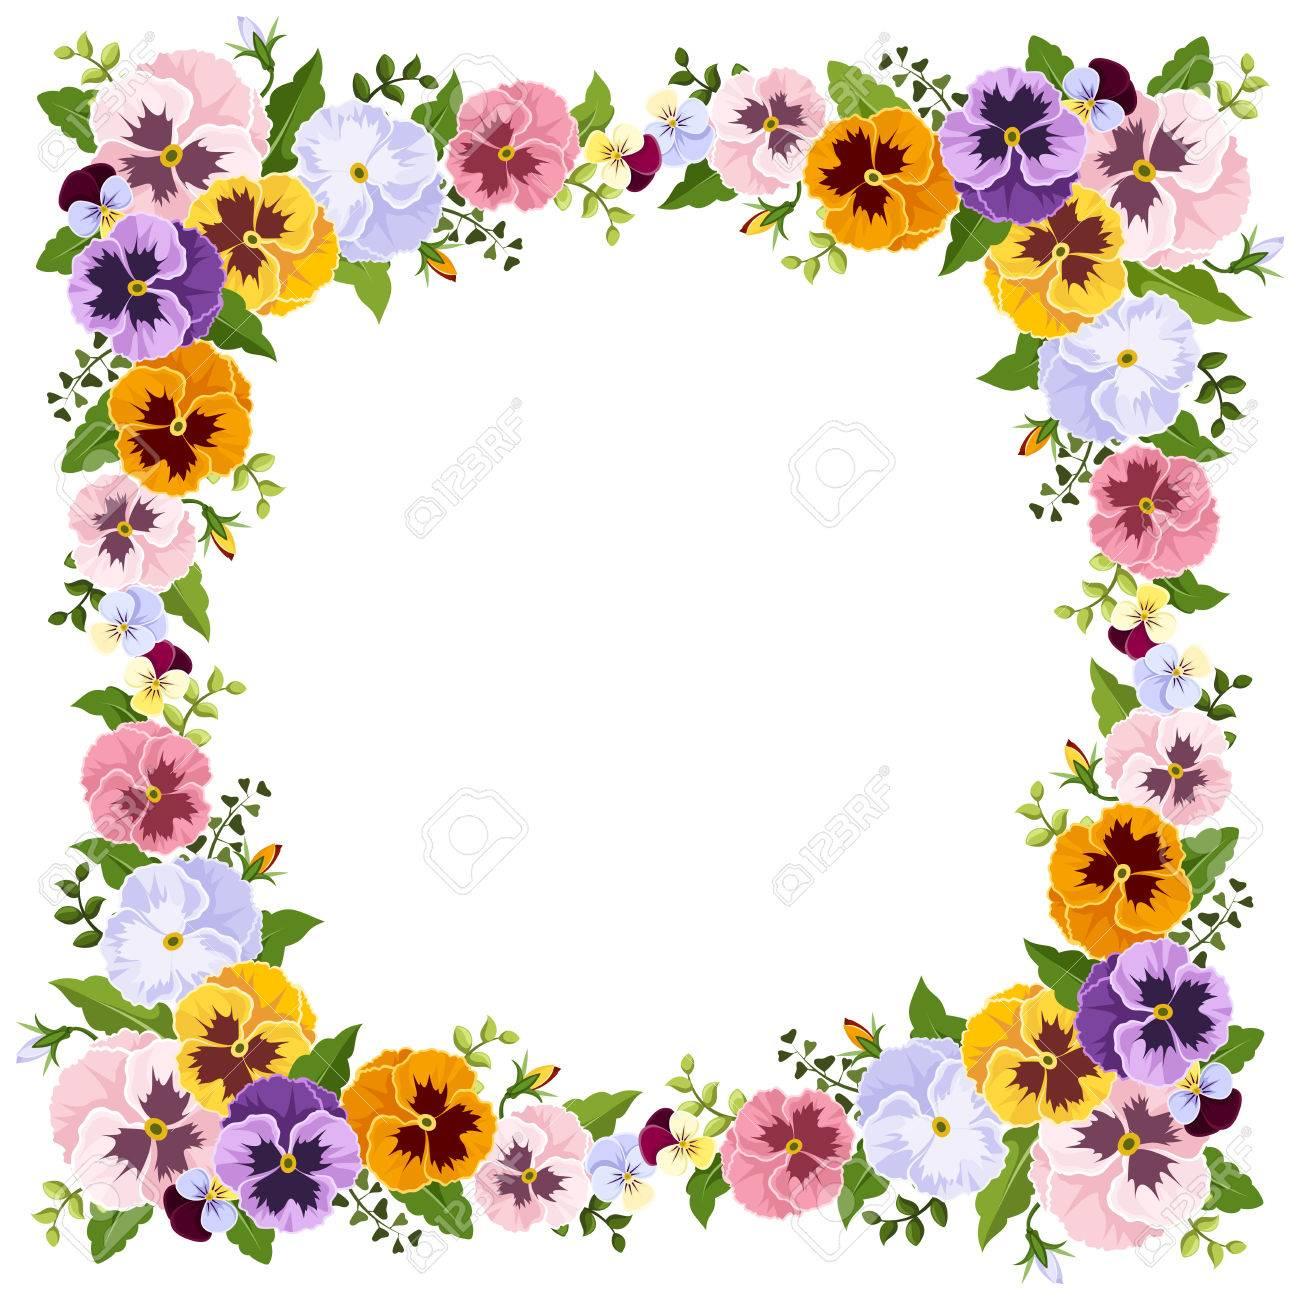 カラフルなパンジーの花を持つフレーム。ベクトル イラスト